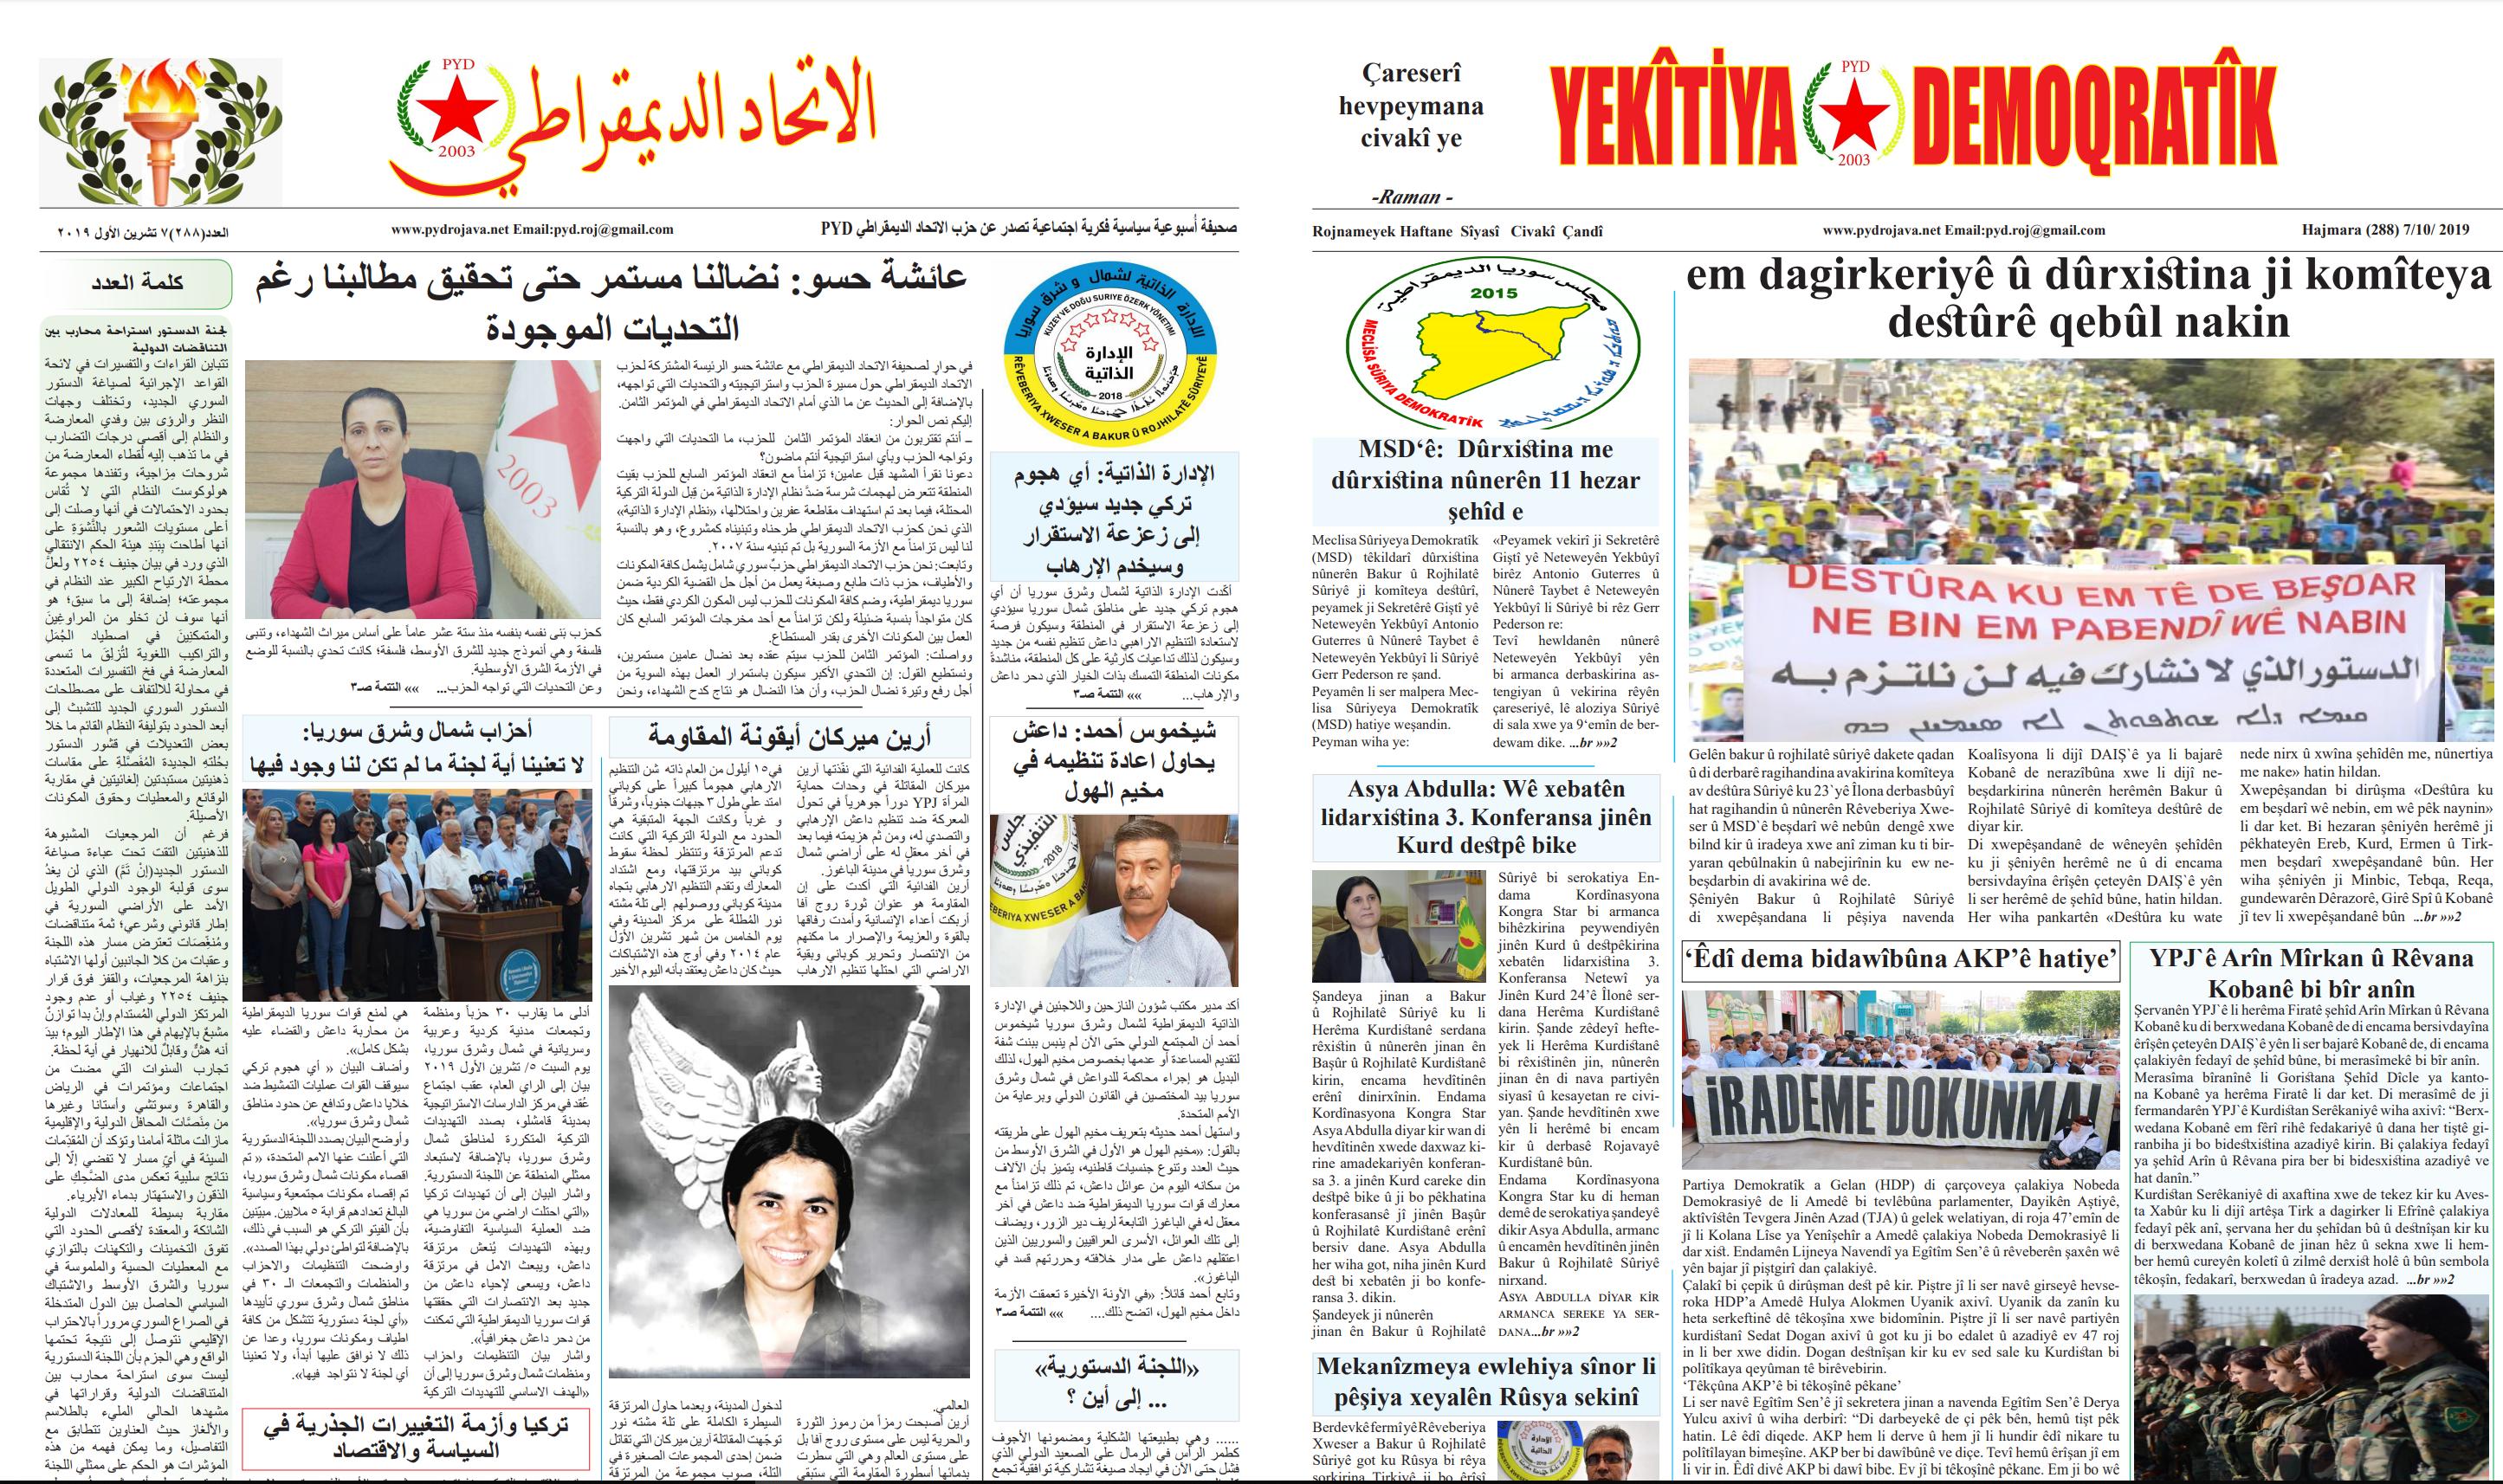 Photo of Hijmara 288 ji Rojnameya Yekêtiya Demokratîk derket